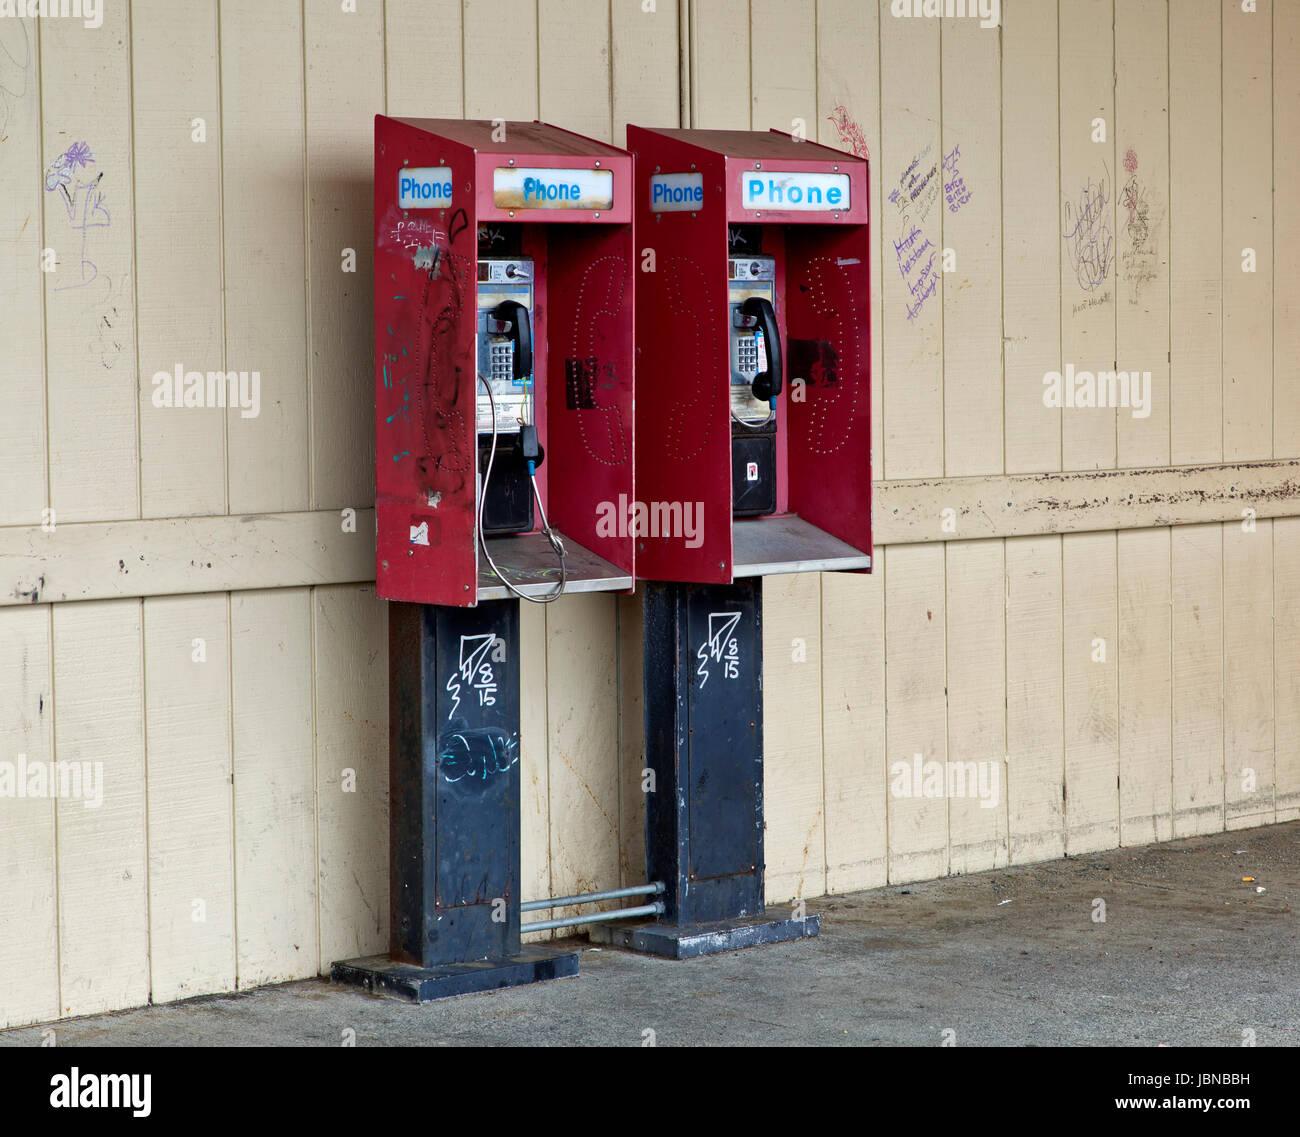 L'abandon de postes téléphoniques payants publics fonctionnant avec des pièces de monnaie avec Photo Stock